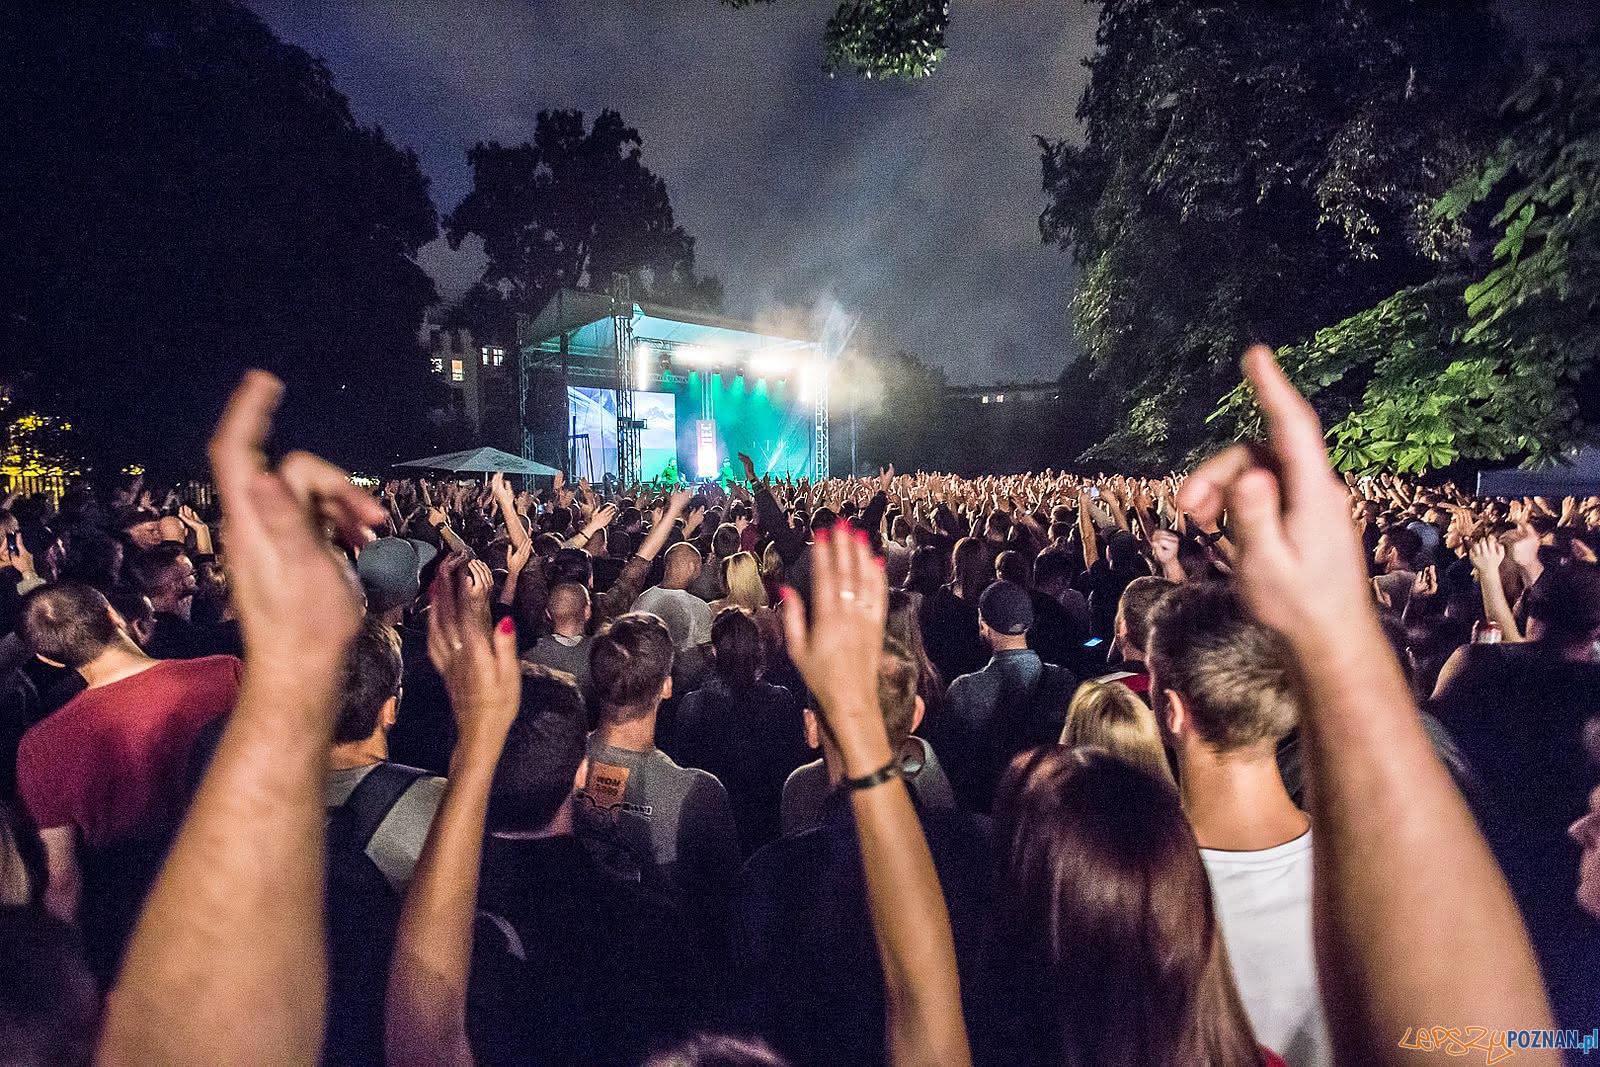 Koncert w parku Starego Browaru  Foto: Jakub Wittchen / Stary Browar